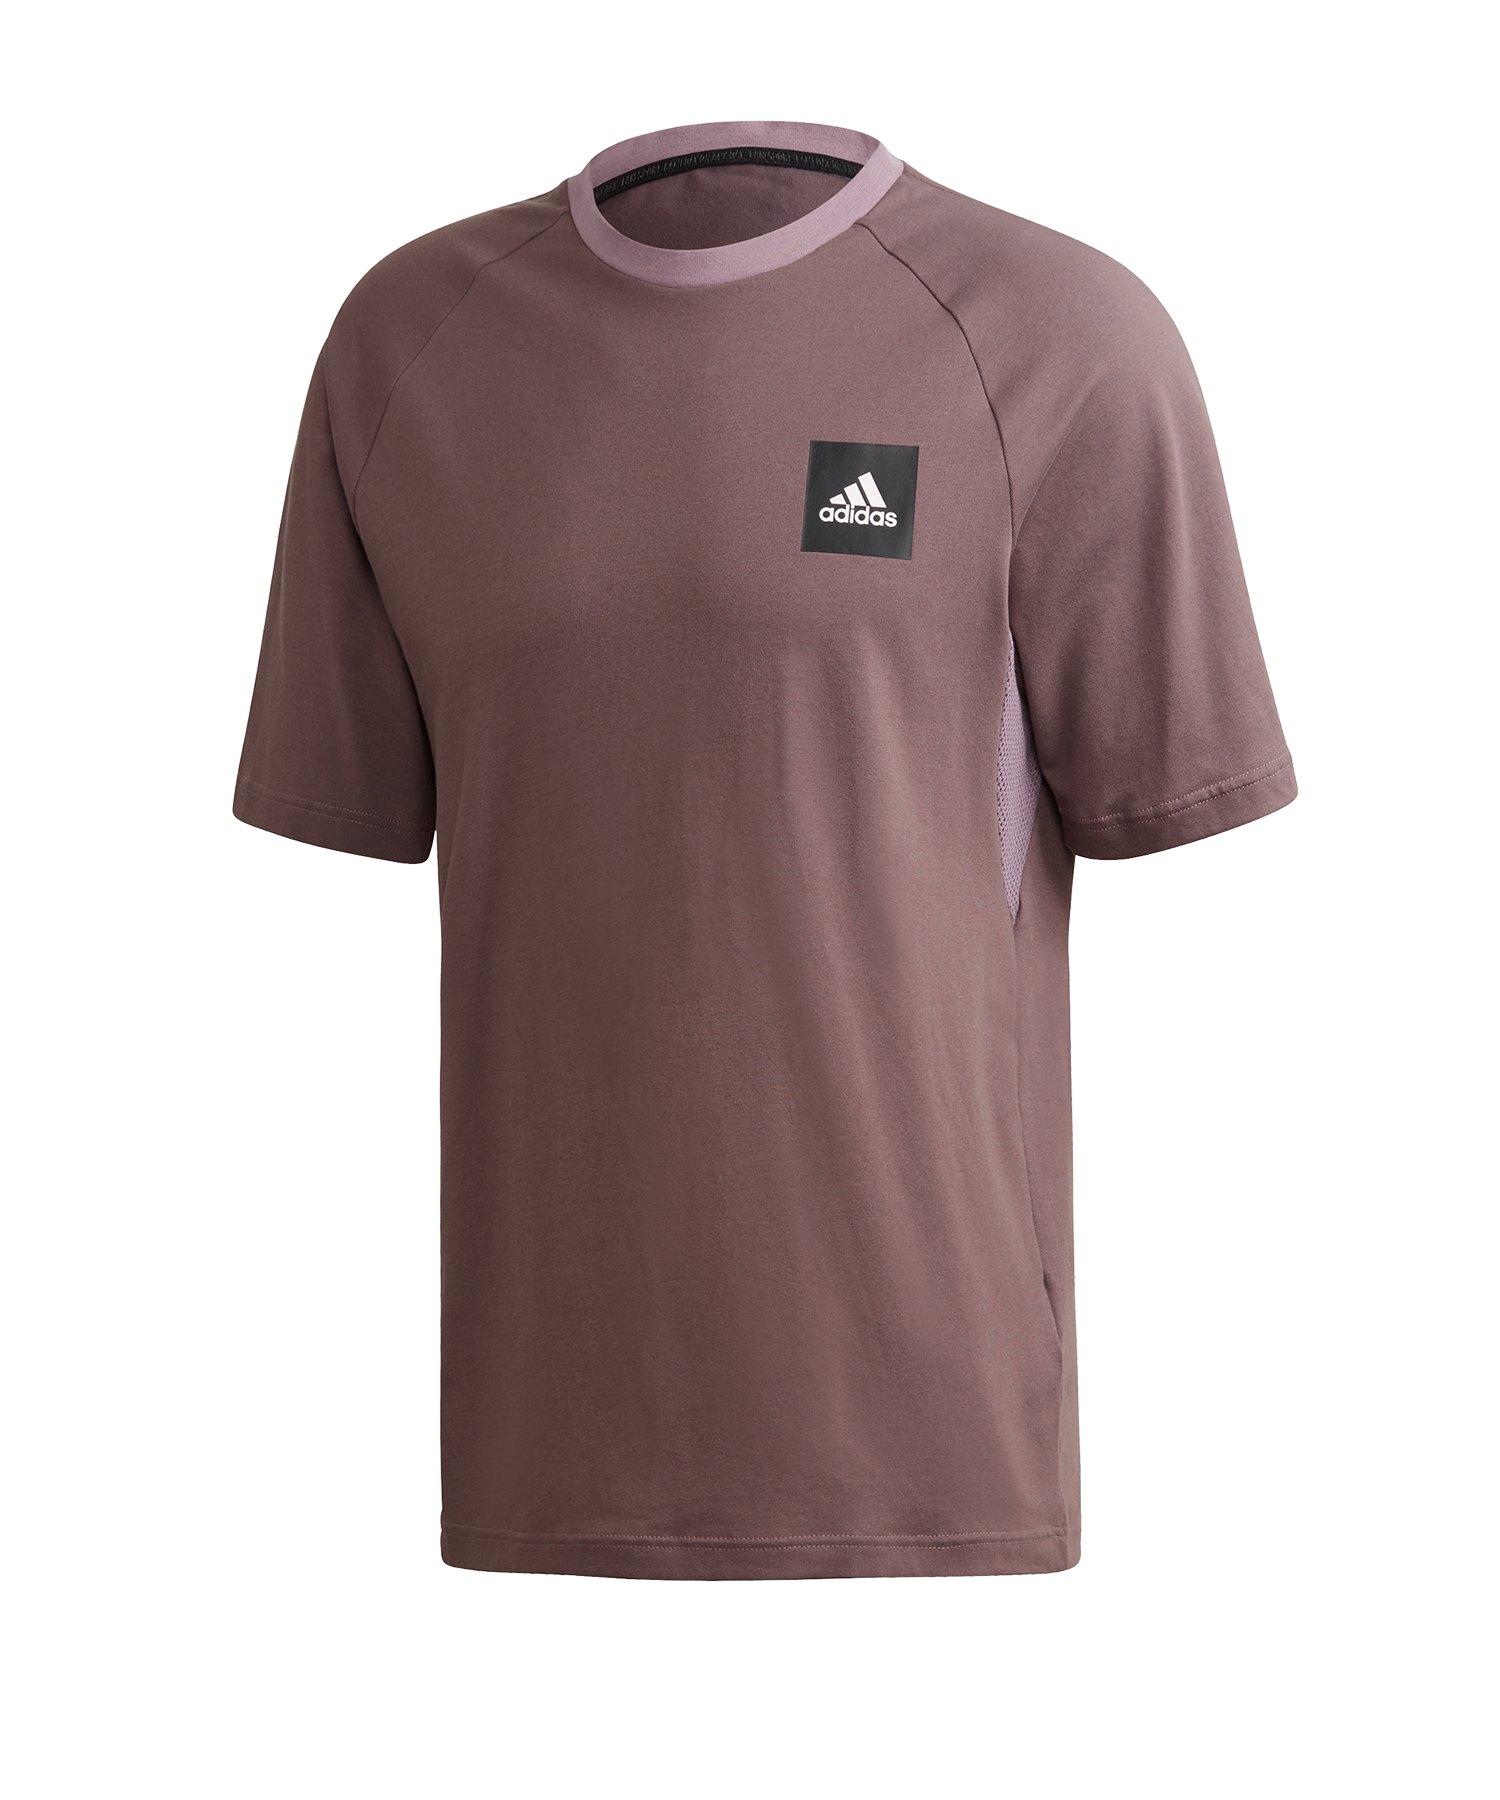 adidas MH T-Shirt Blau - lila